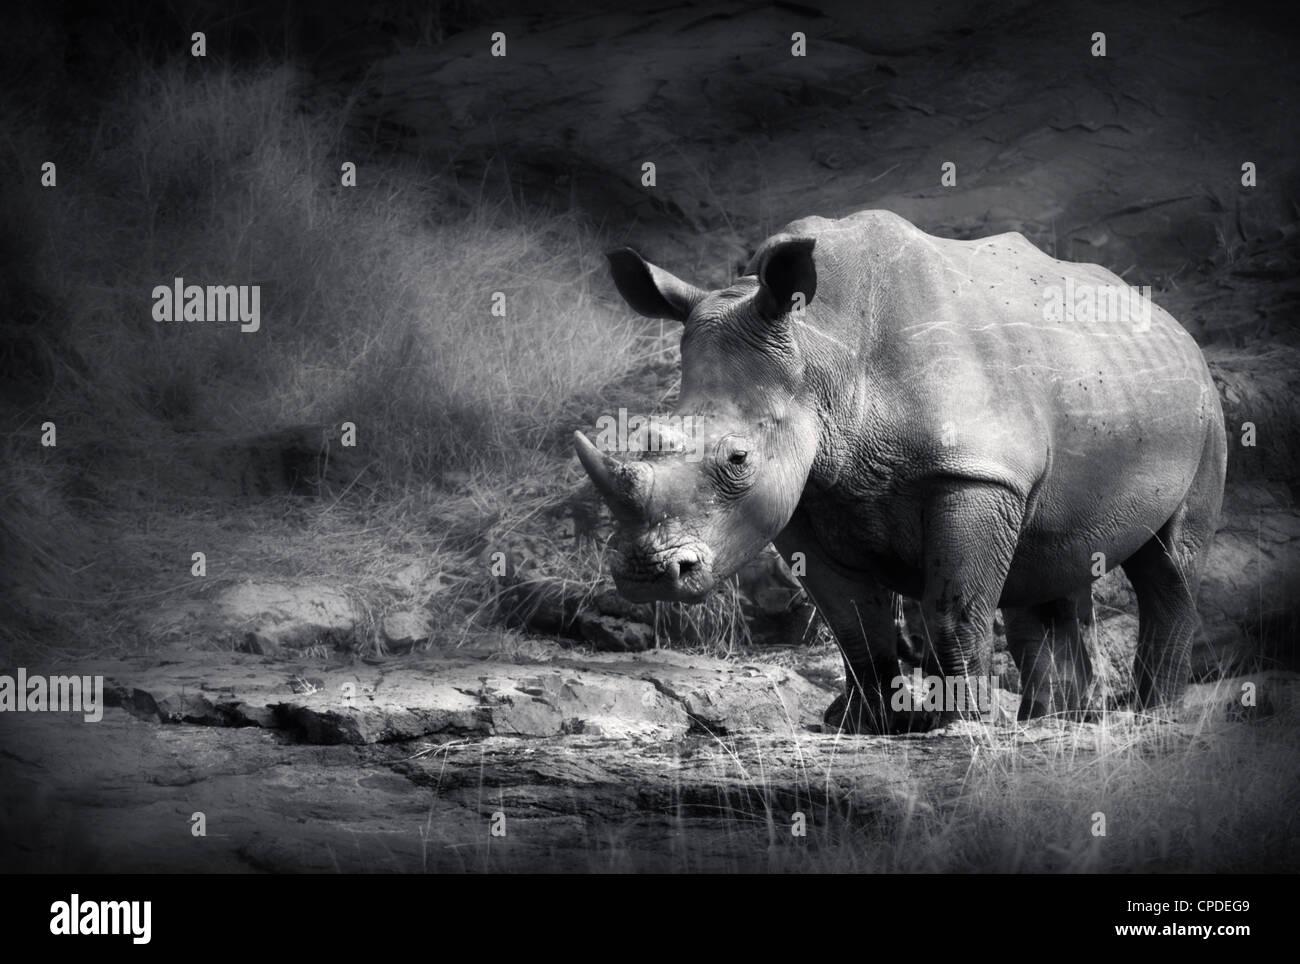 Rinoceronte bianco (lavorazione artistica) Immagini Stock